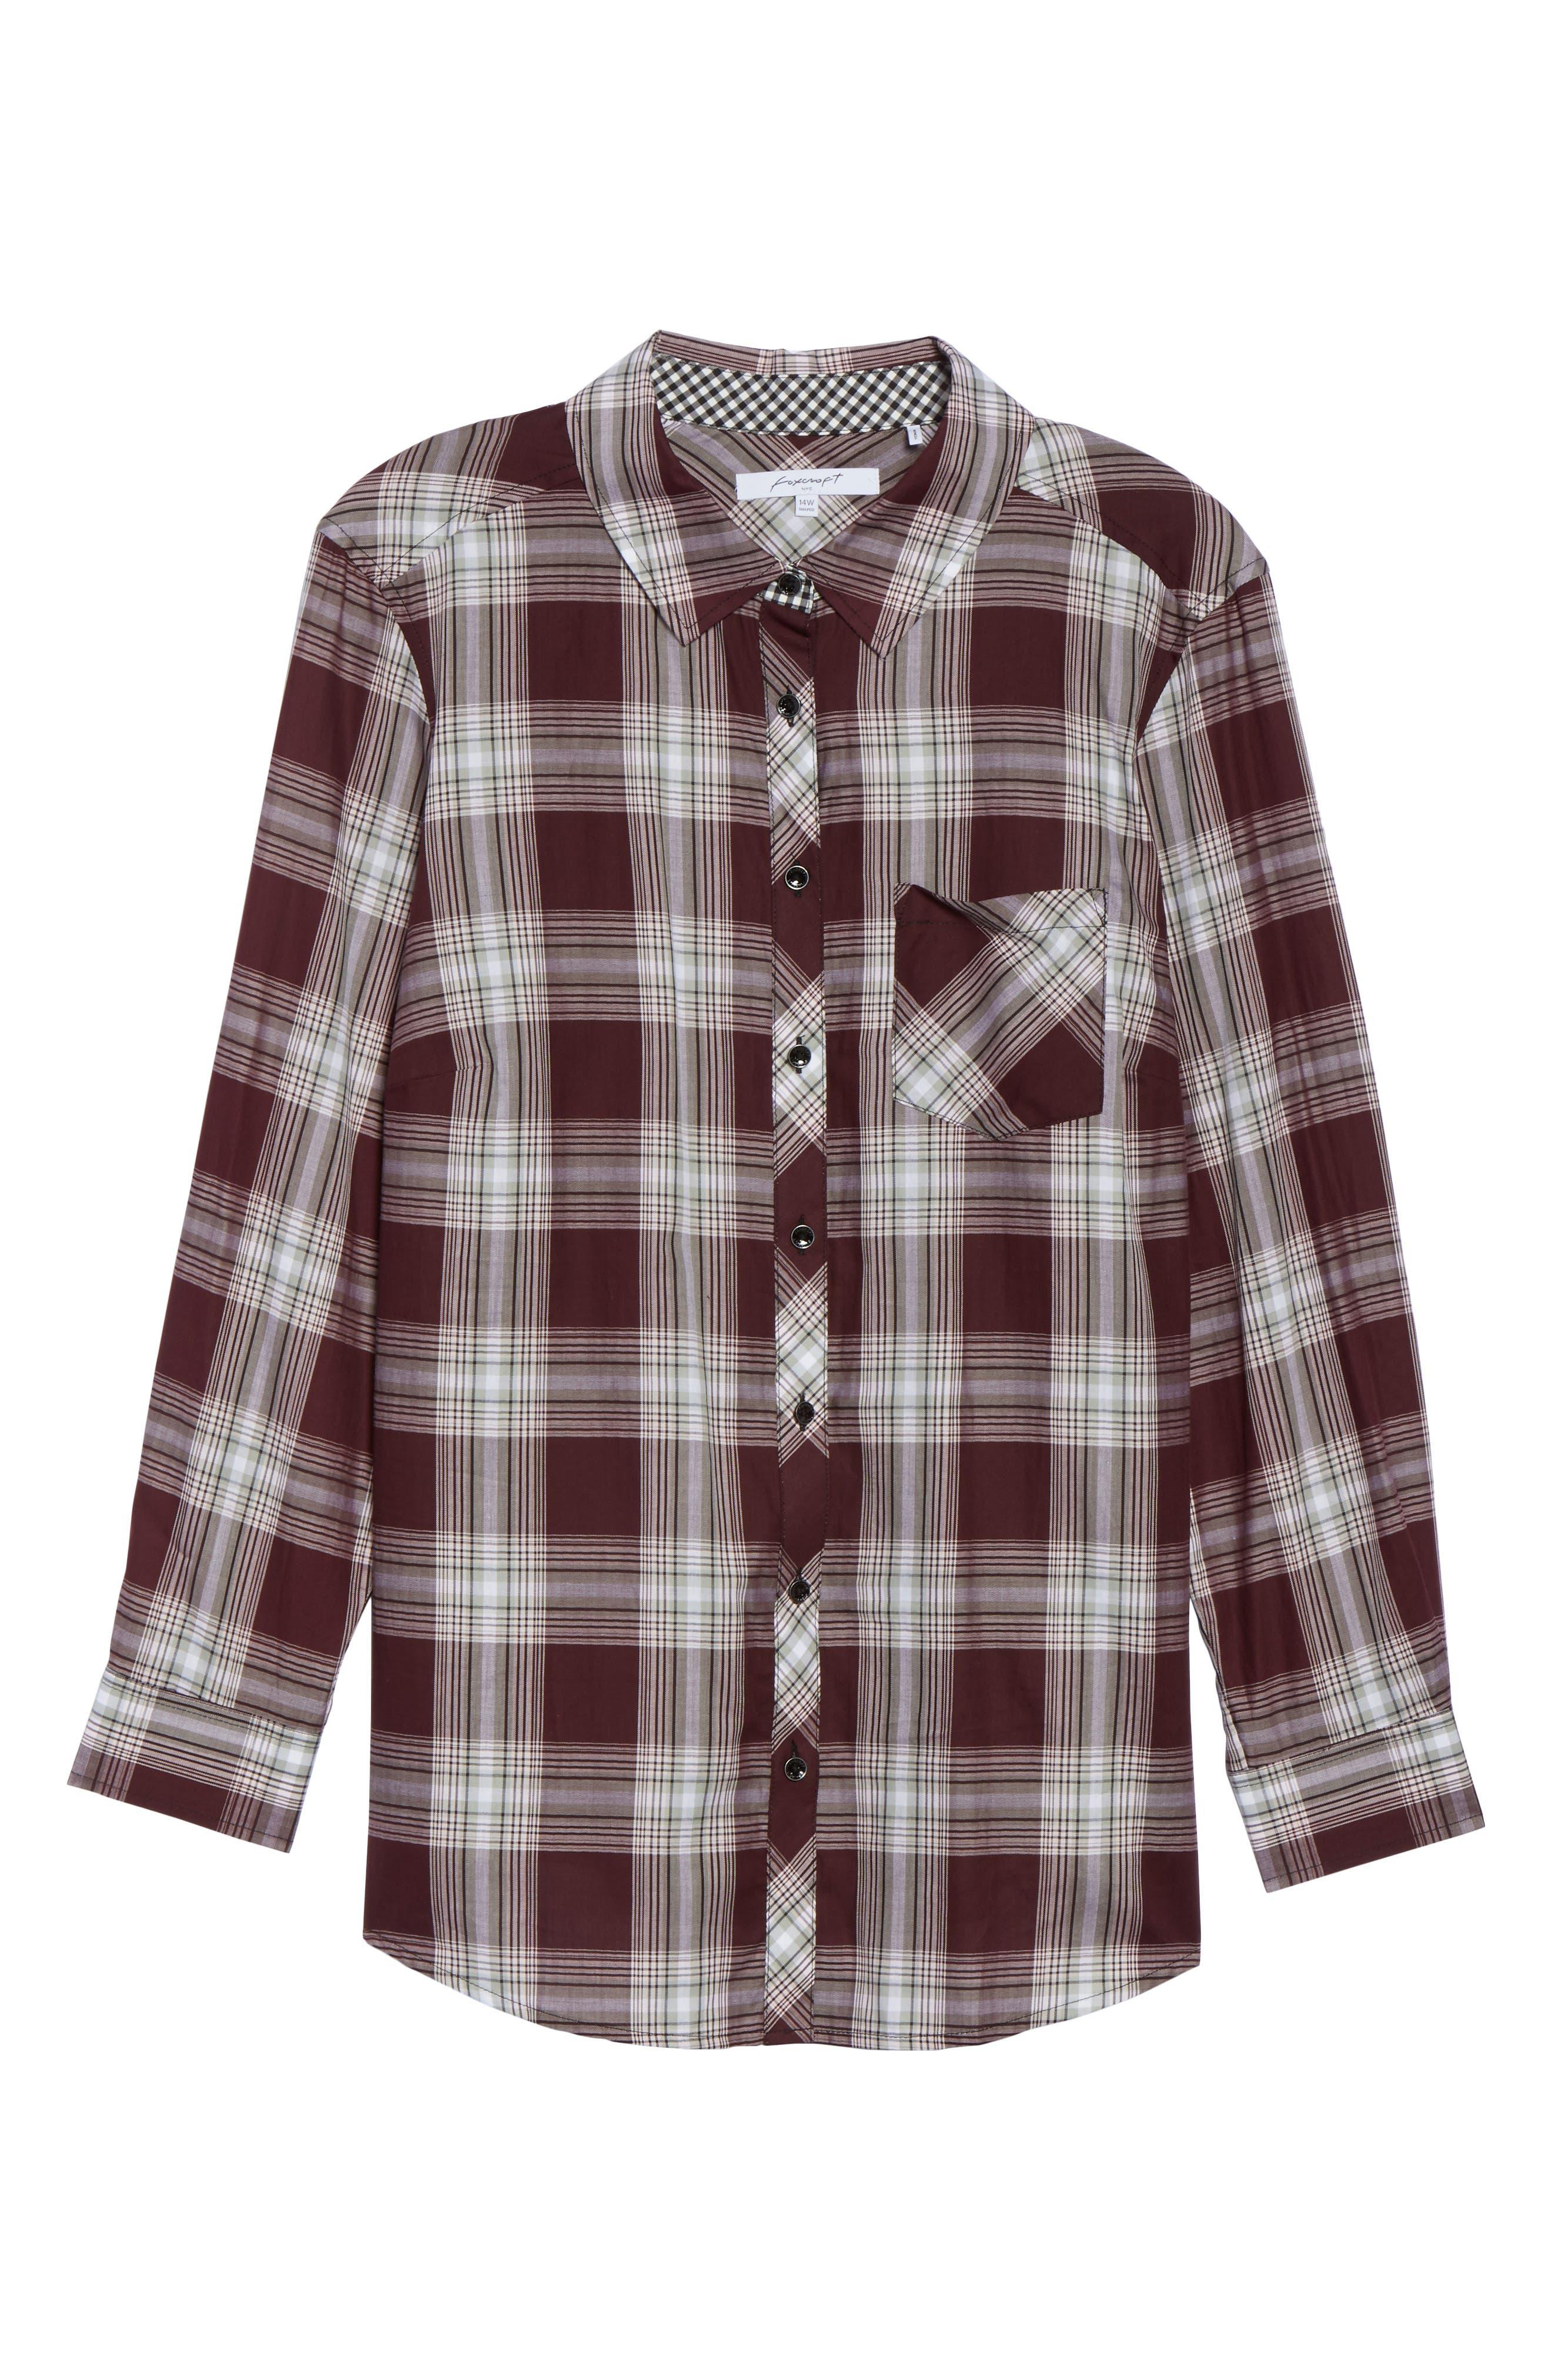 Addison Plaid Cotton Shirt,                             Alternate thumbnail 6, color,                             605